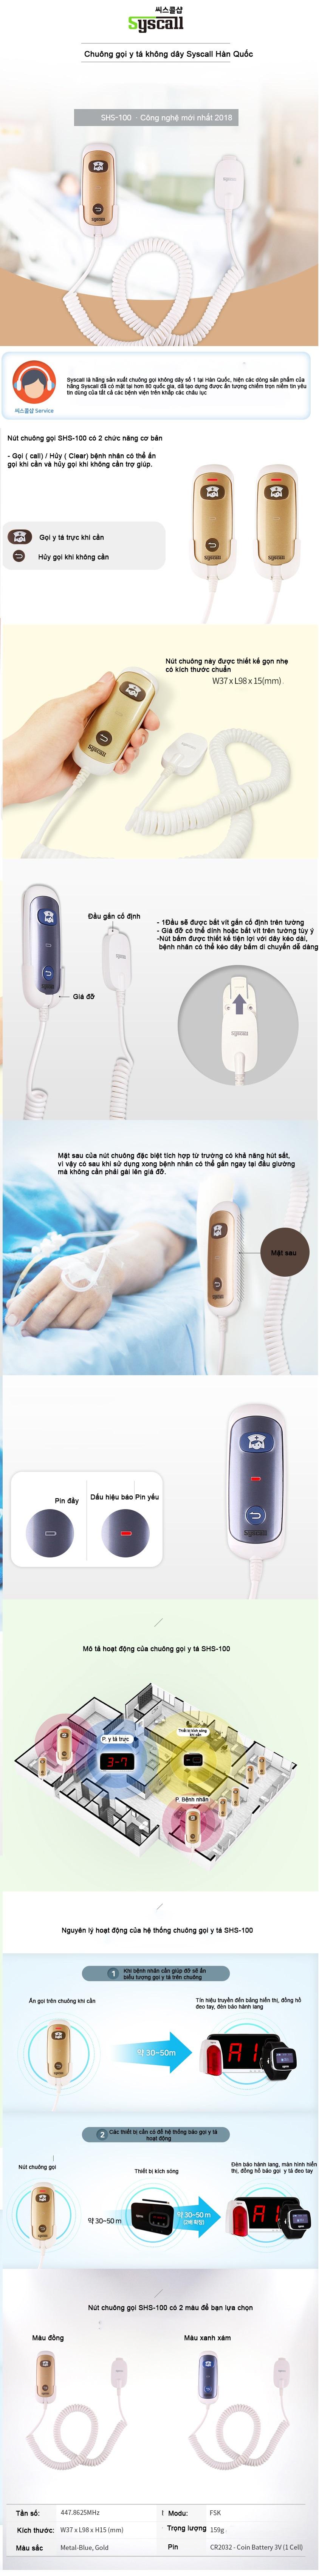 chuông gọi y tá shs - 10